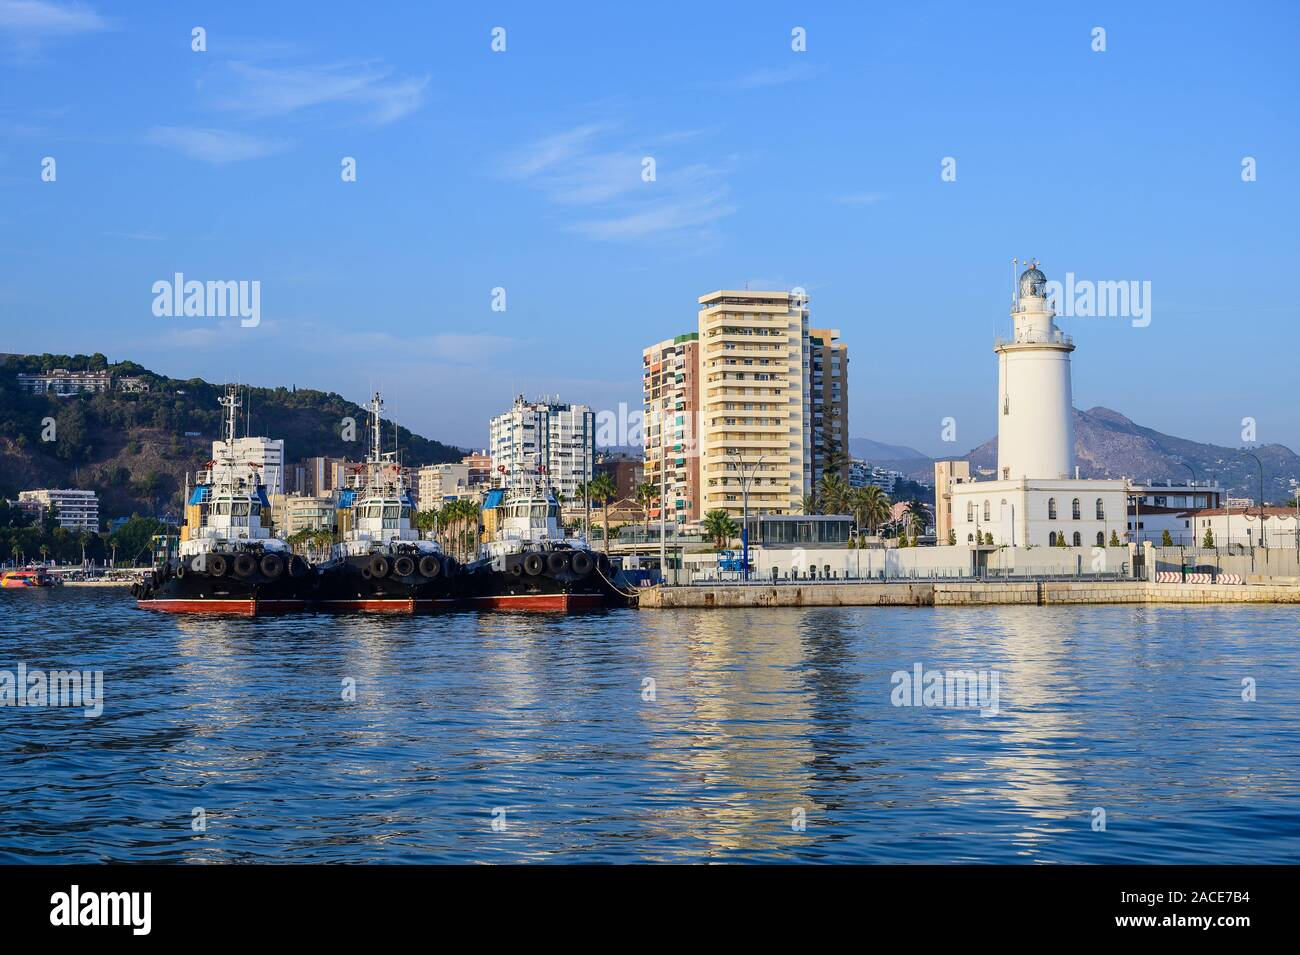 Der Hafen von Malaga, Malaga, Spanien Stockfoto